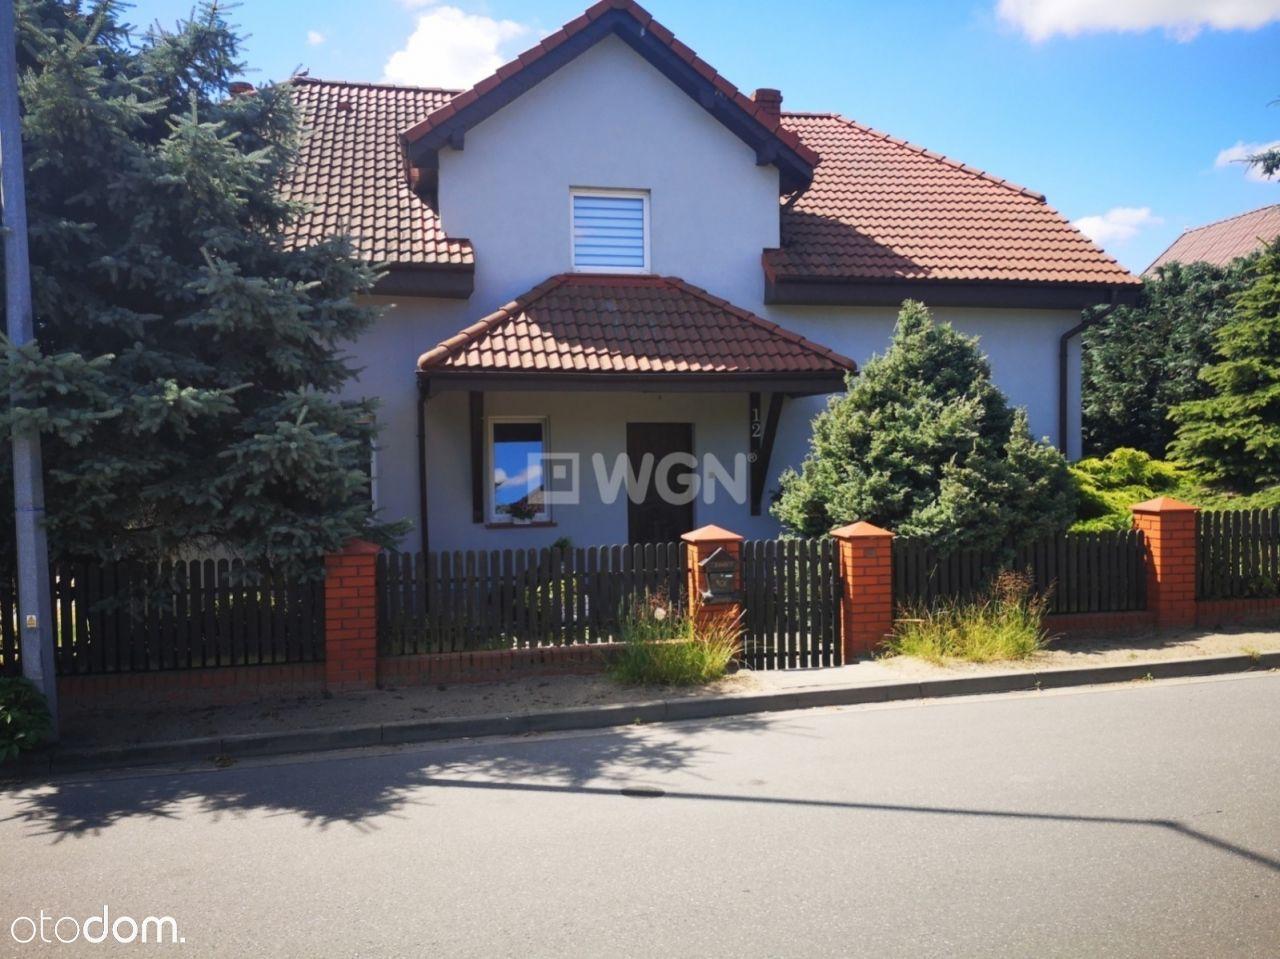 Dom jednorodzinny 189 m2, Lenartowice.